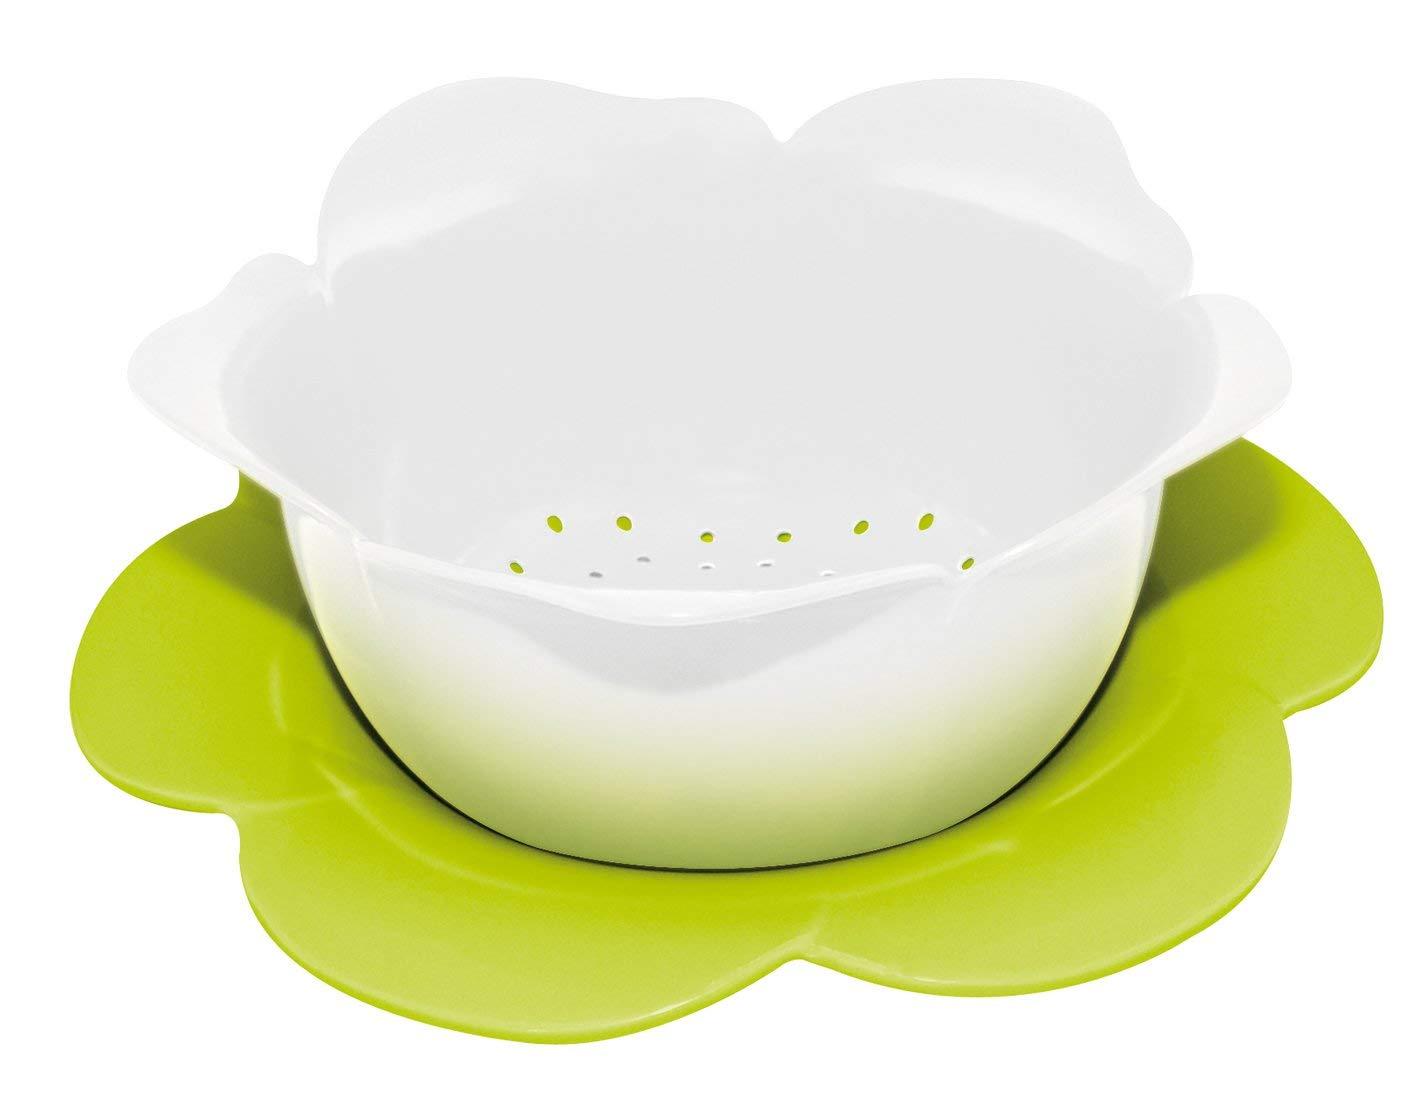 Zak Designs 1283-A850 color blanco y verde Mini escurridor en forma de flor, con platillo, de melamina, 16,5 cm